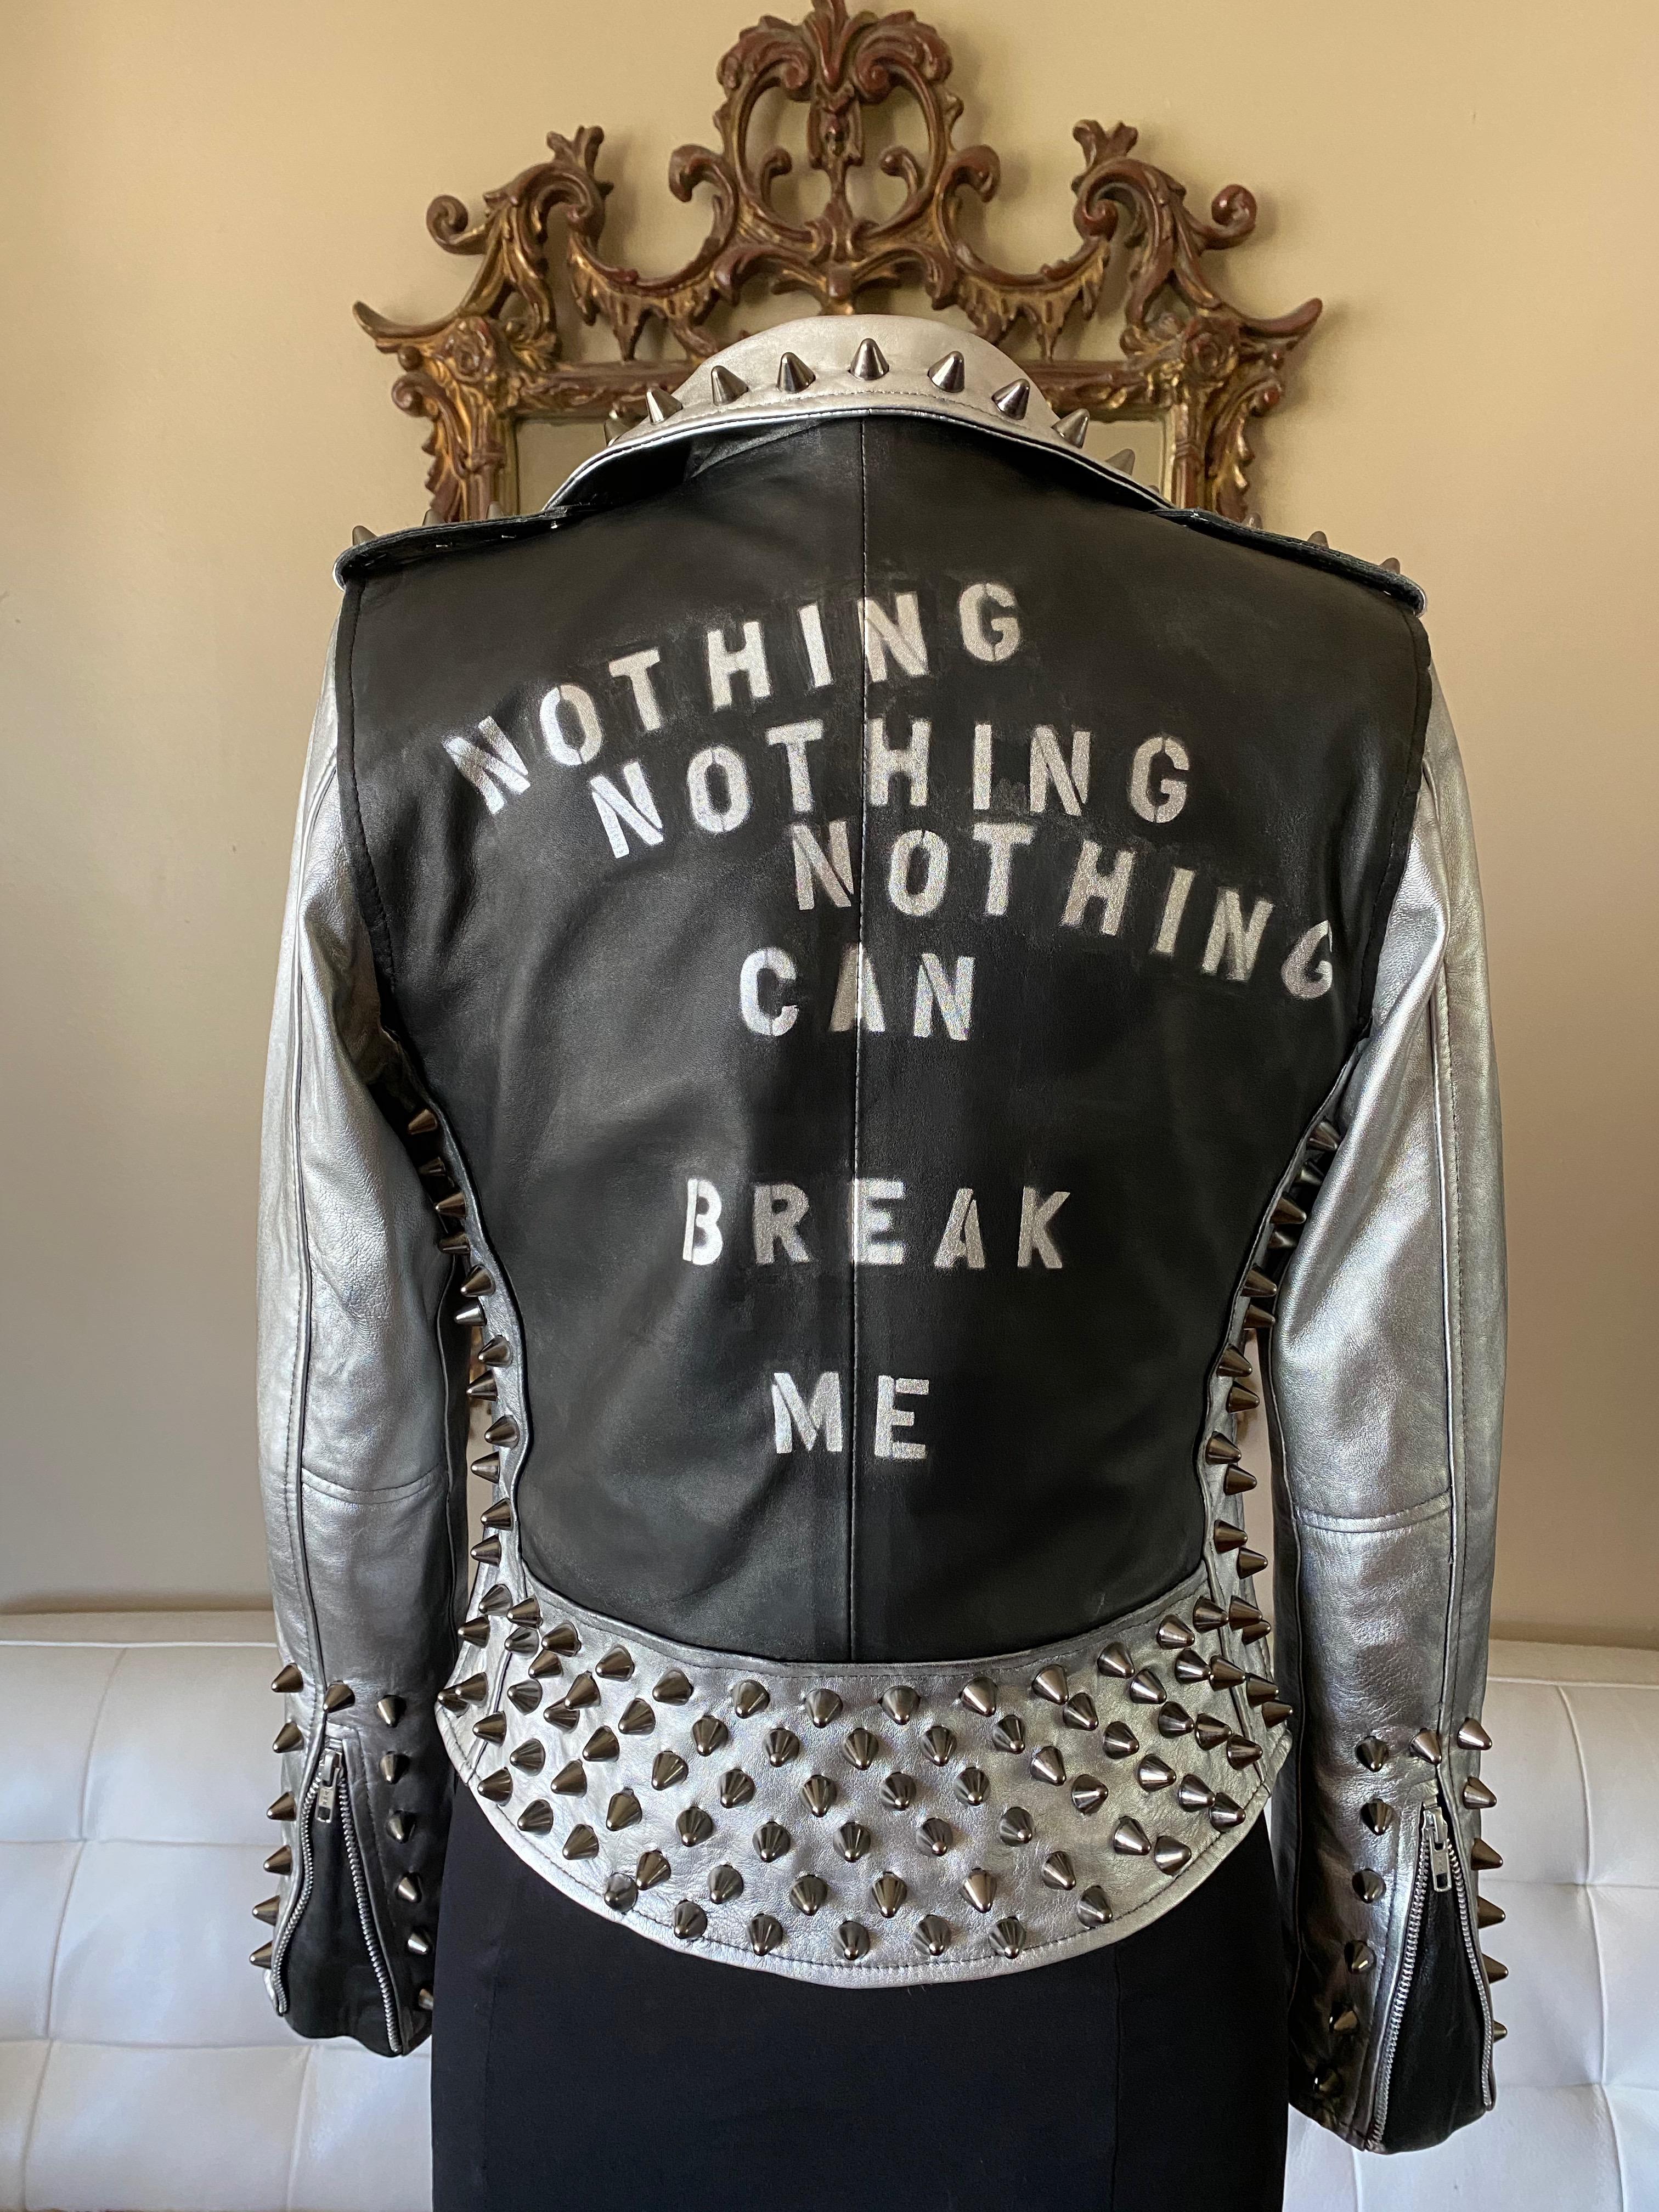 NothingBack